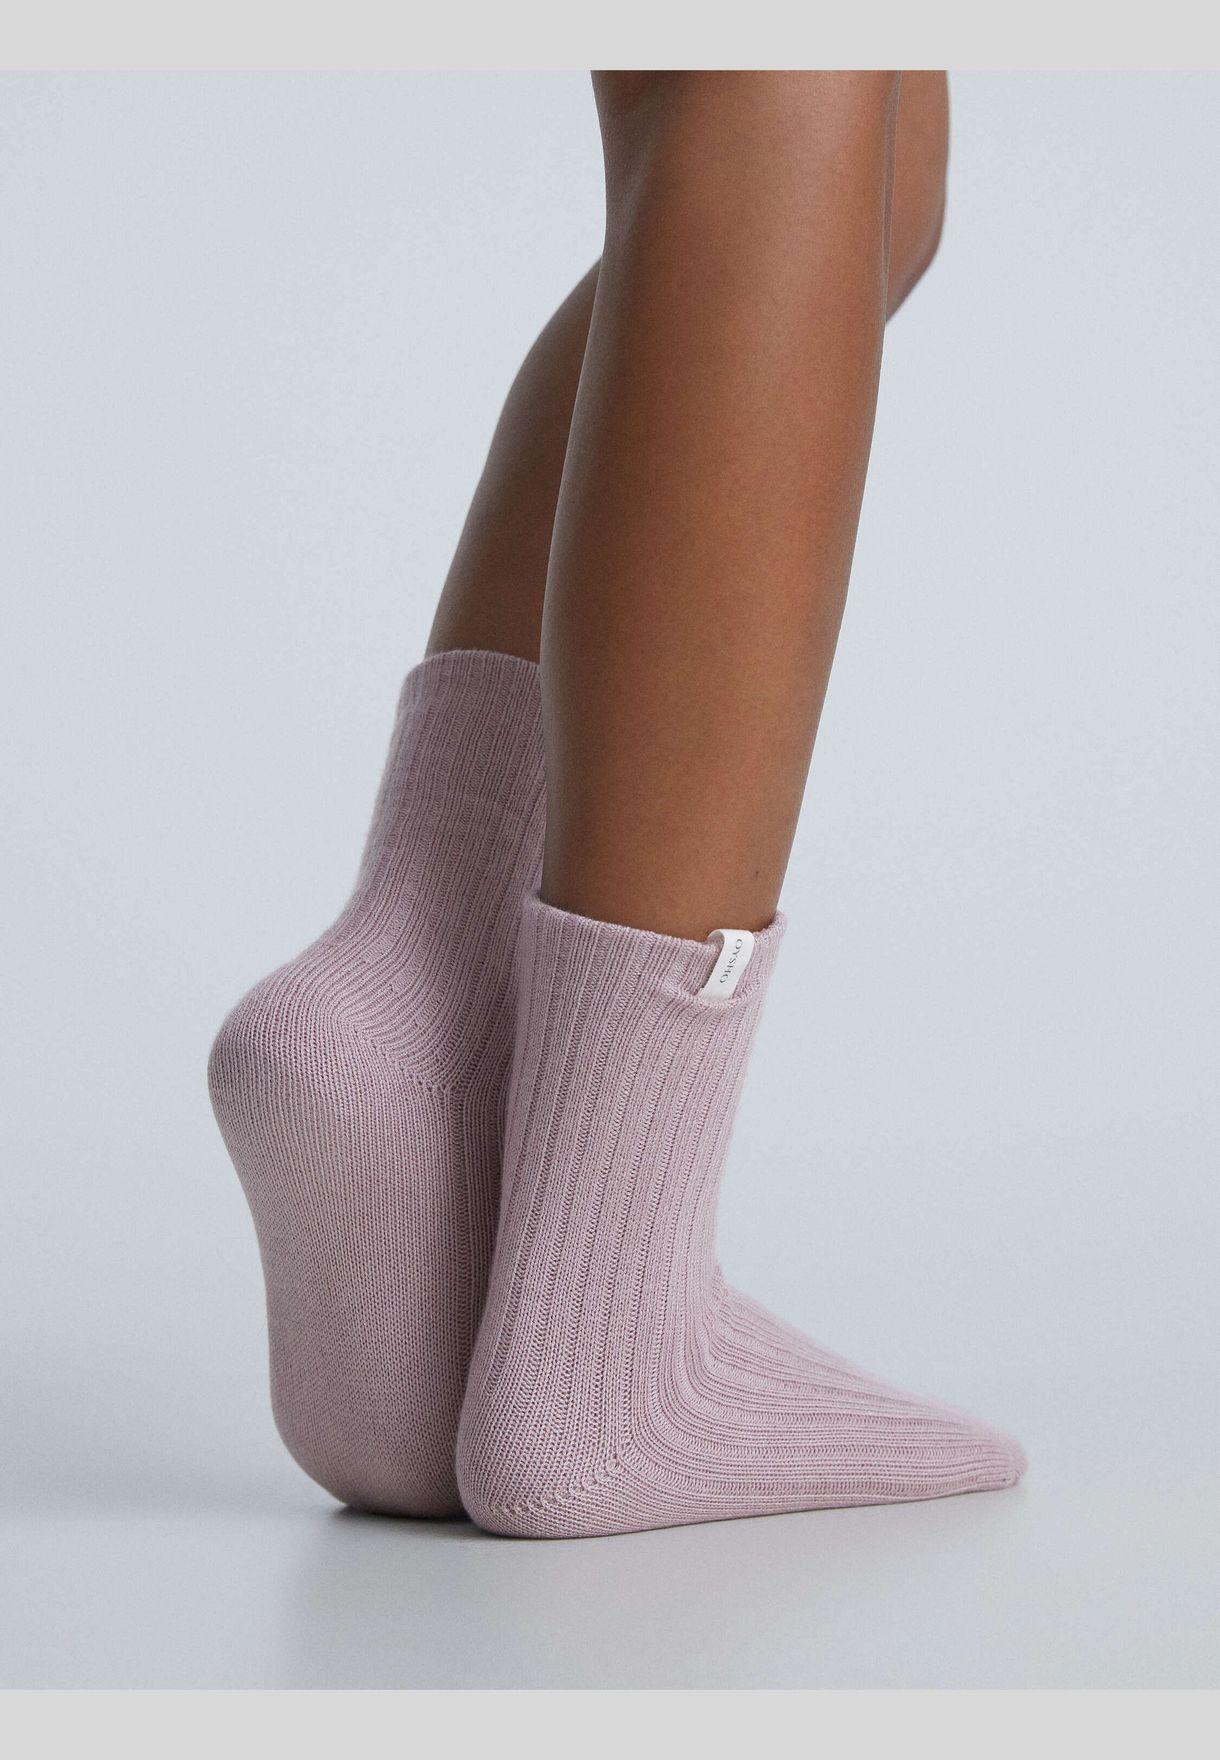 جوارب متوسطة الطول سميكة مضلعة